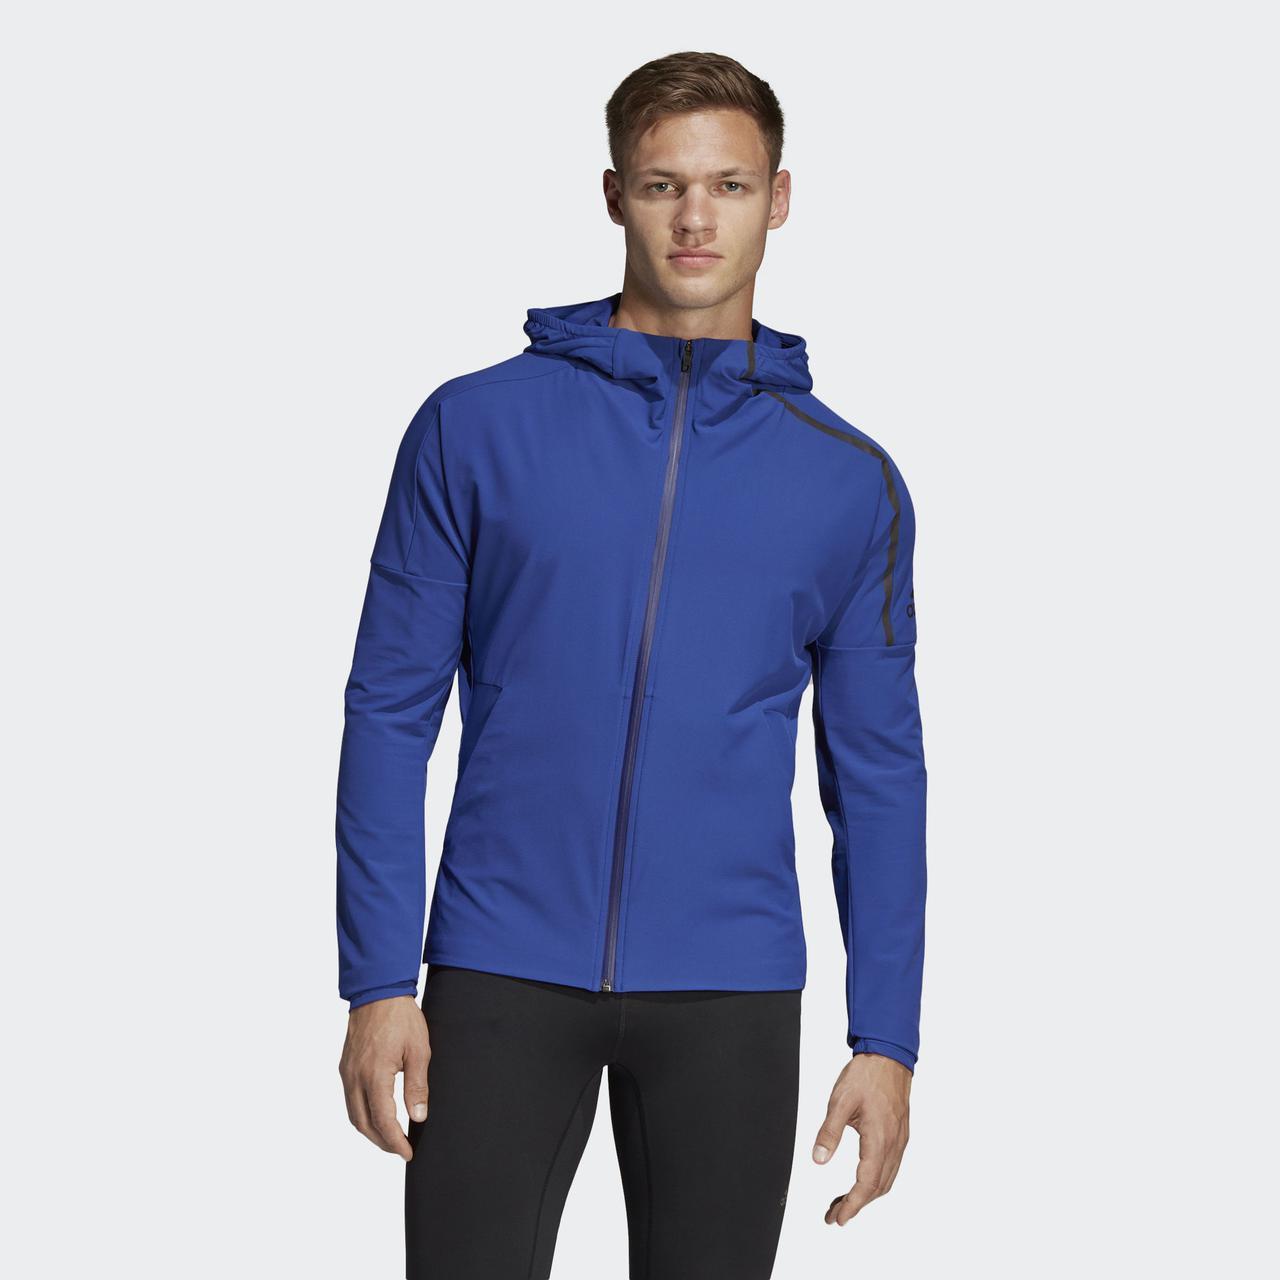 9c18473b Куртка для бега adidas Z.N.E. - Магазин спортивной одежды и обуви Max Sport  в Киеве